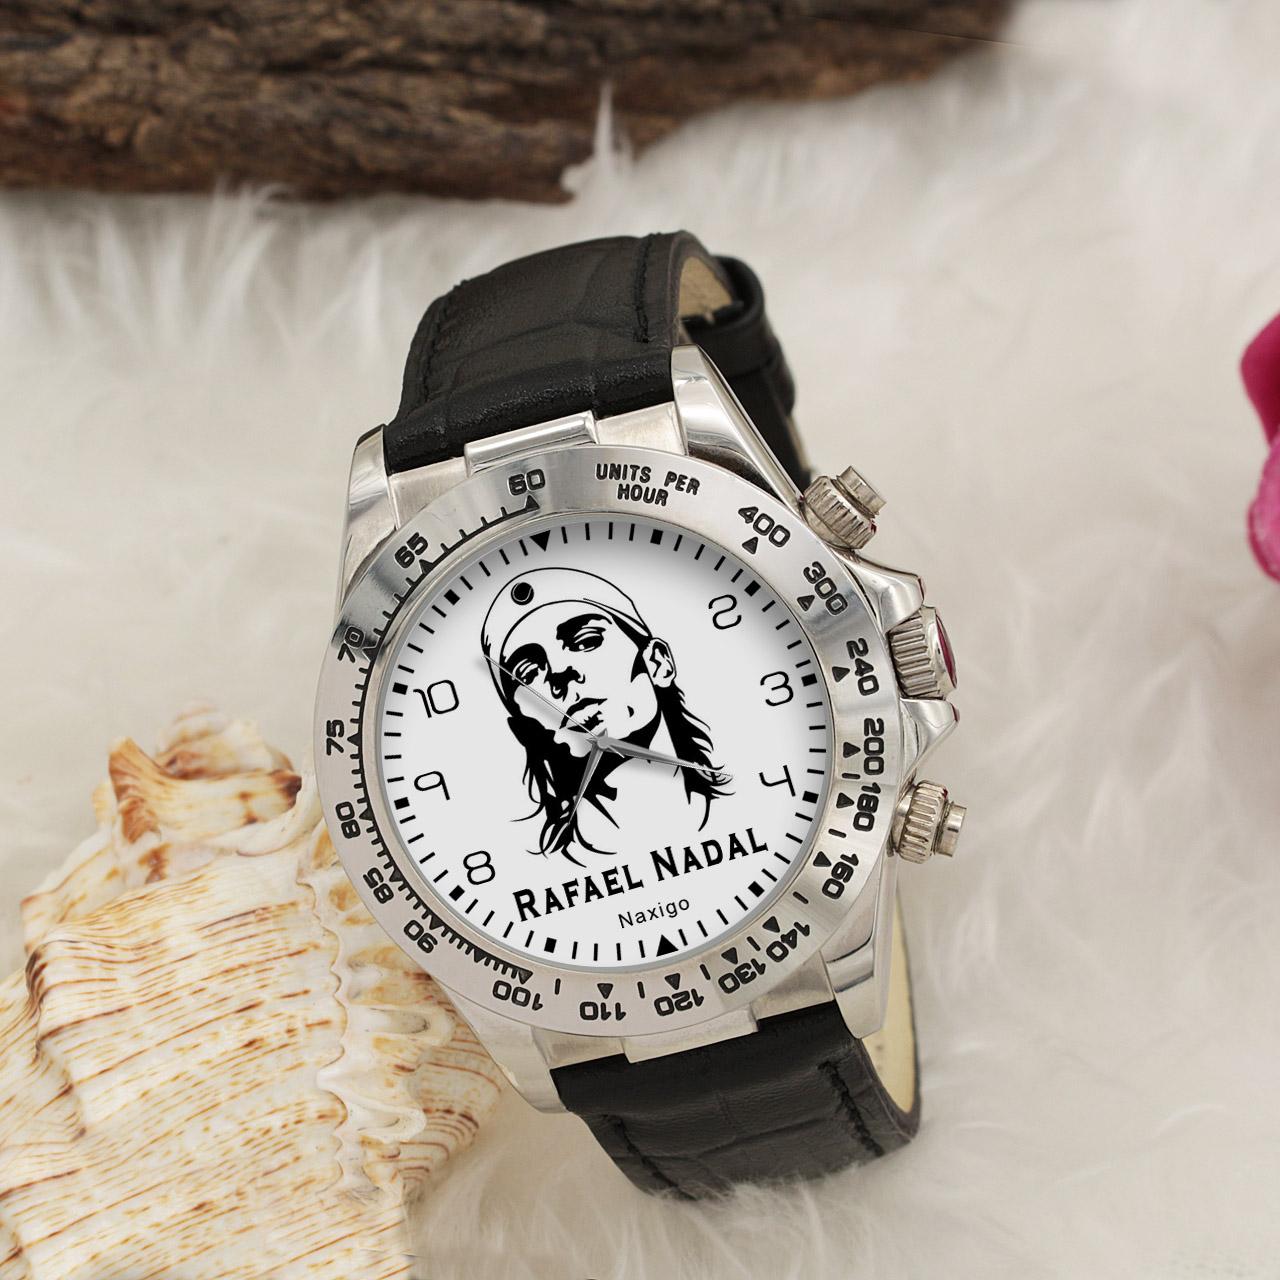 ساعت مچی  مردانه ناکسیگو طرح رافائل نادال کد LS3559